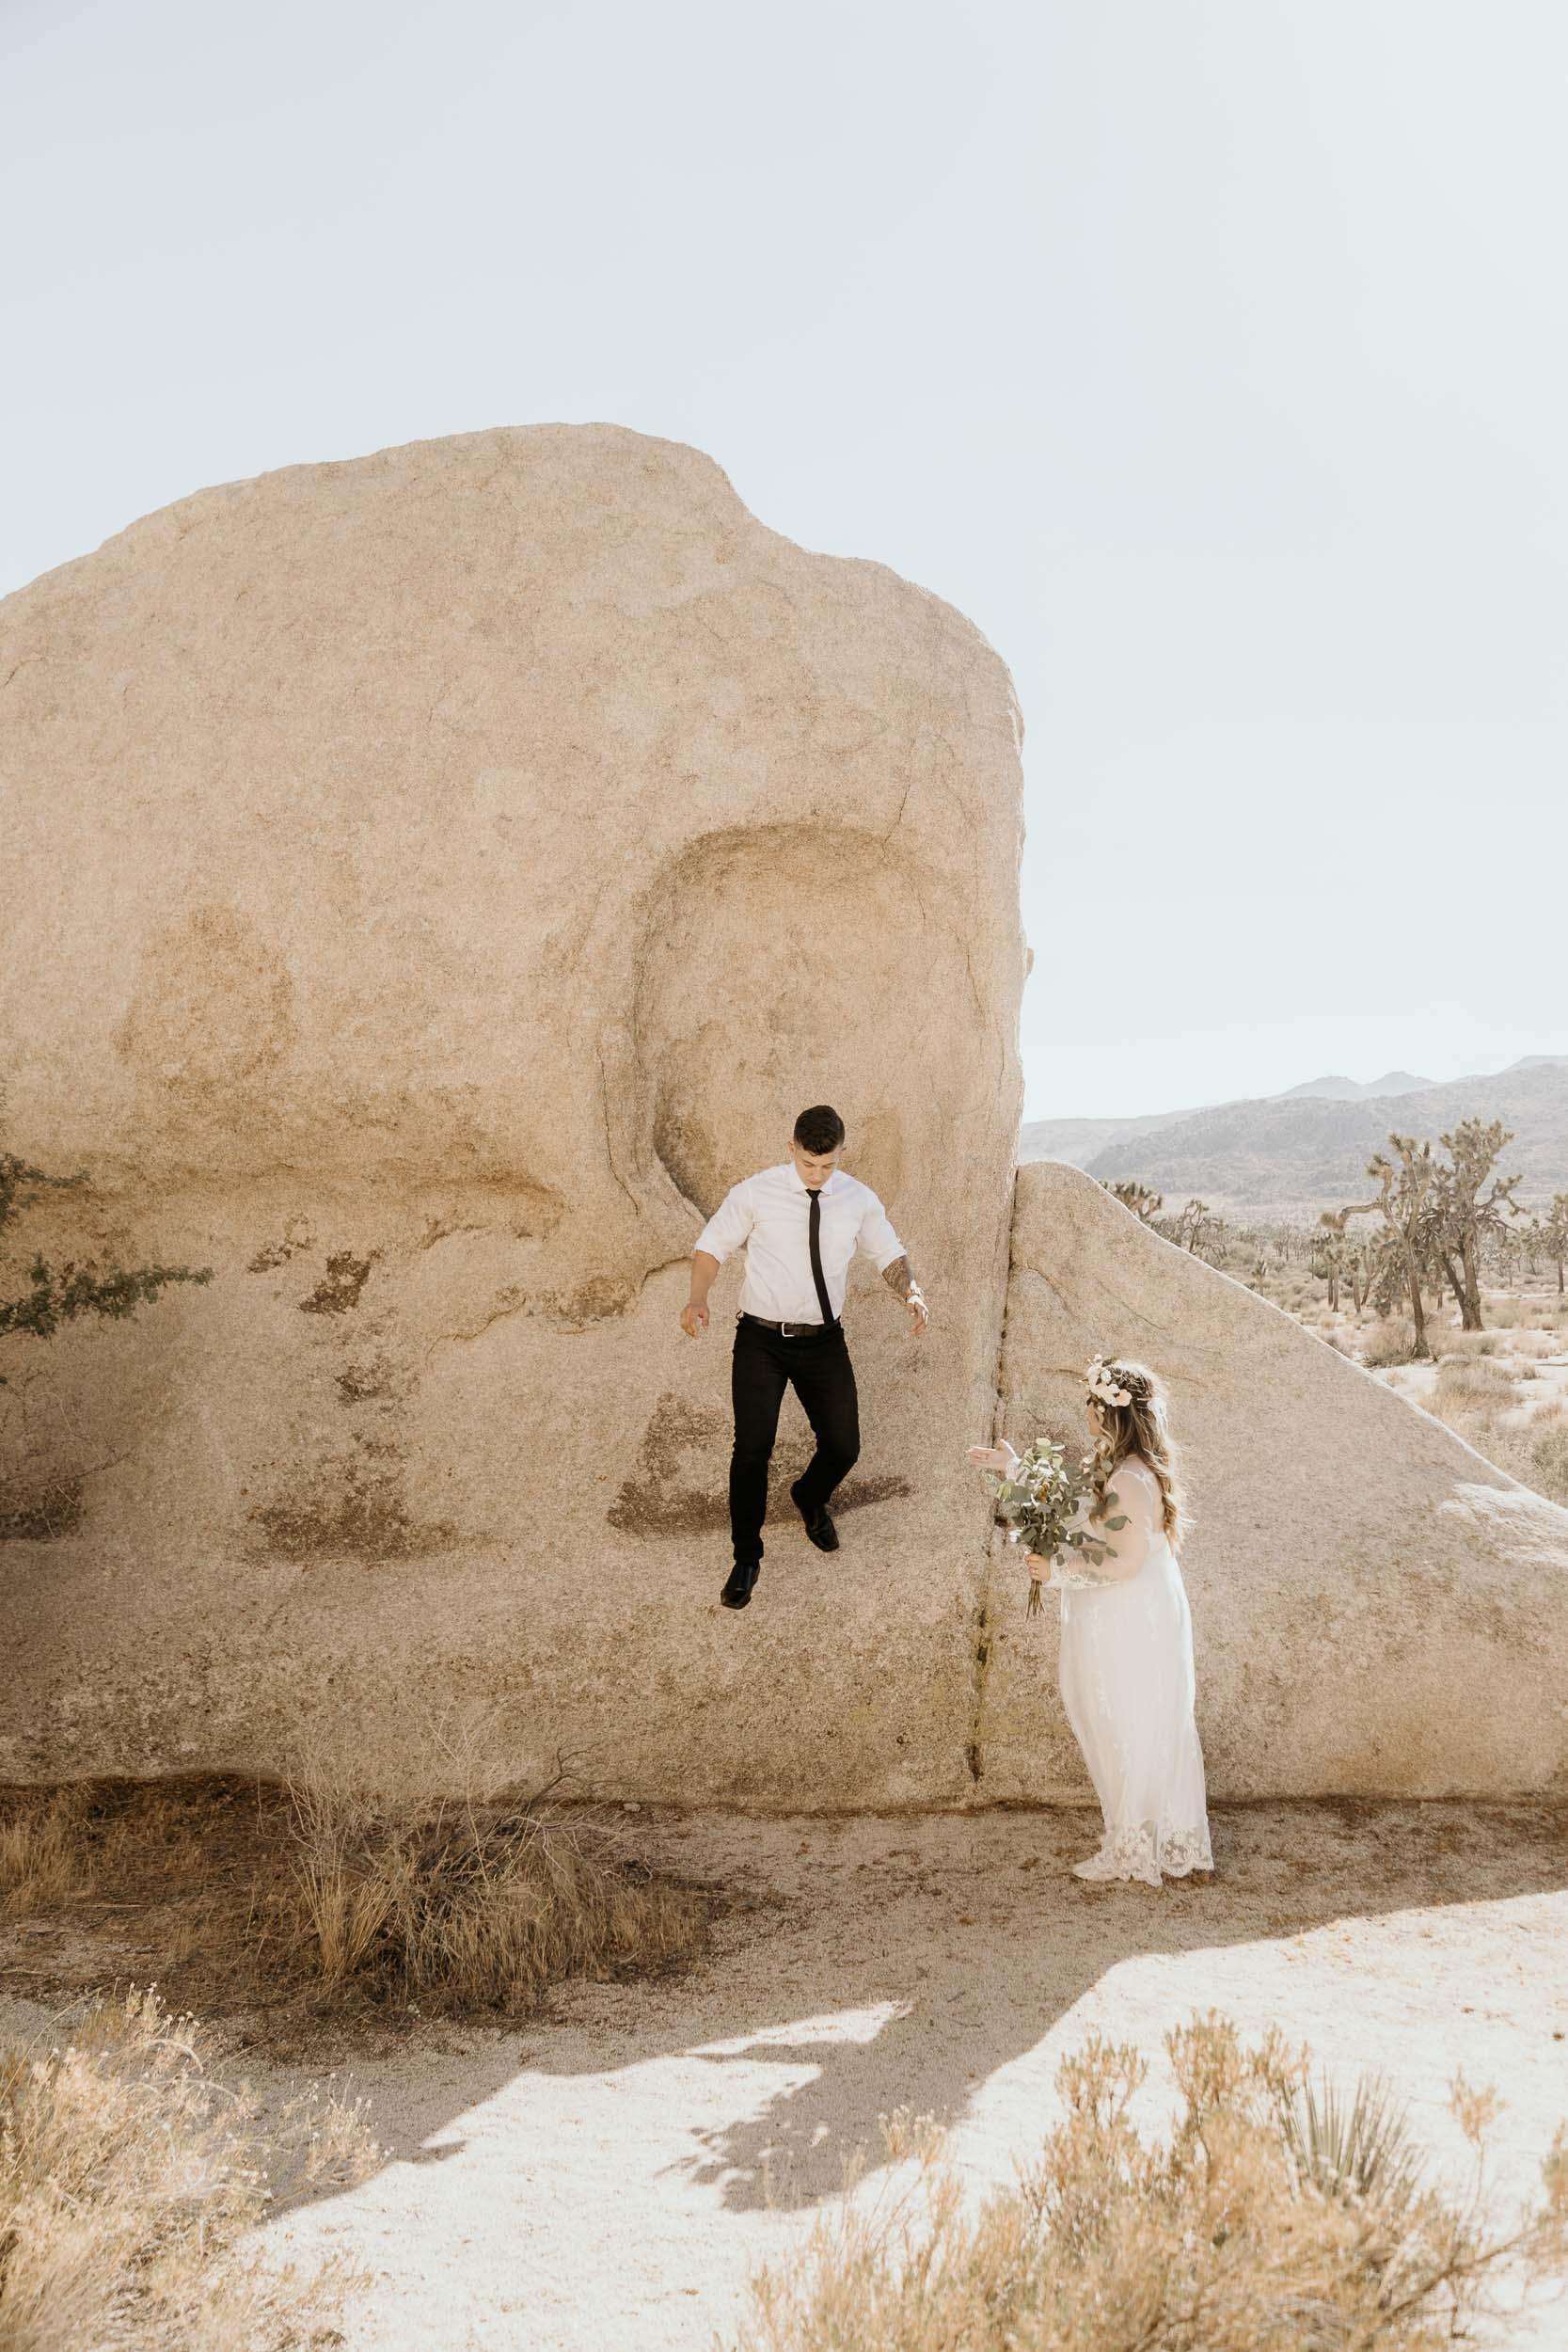 intimate-wedding-elopement-photographer-ottawa-joshua-tree-0523.jpg